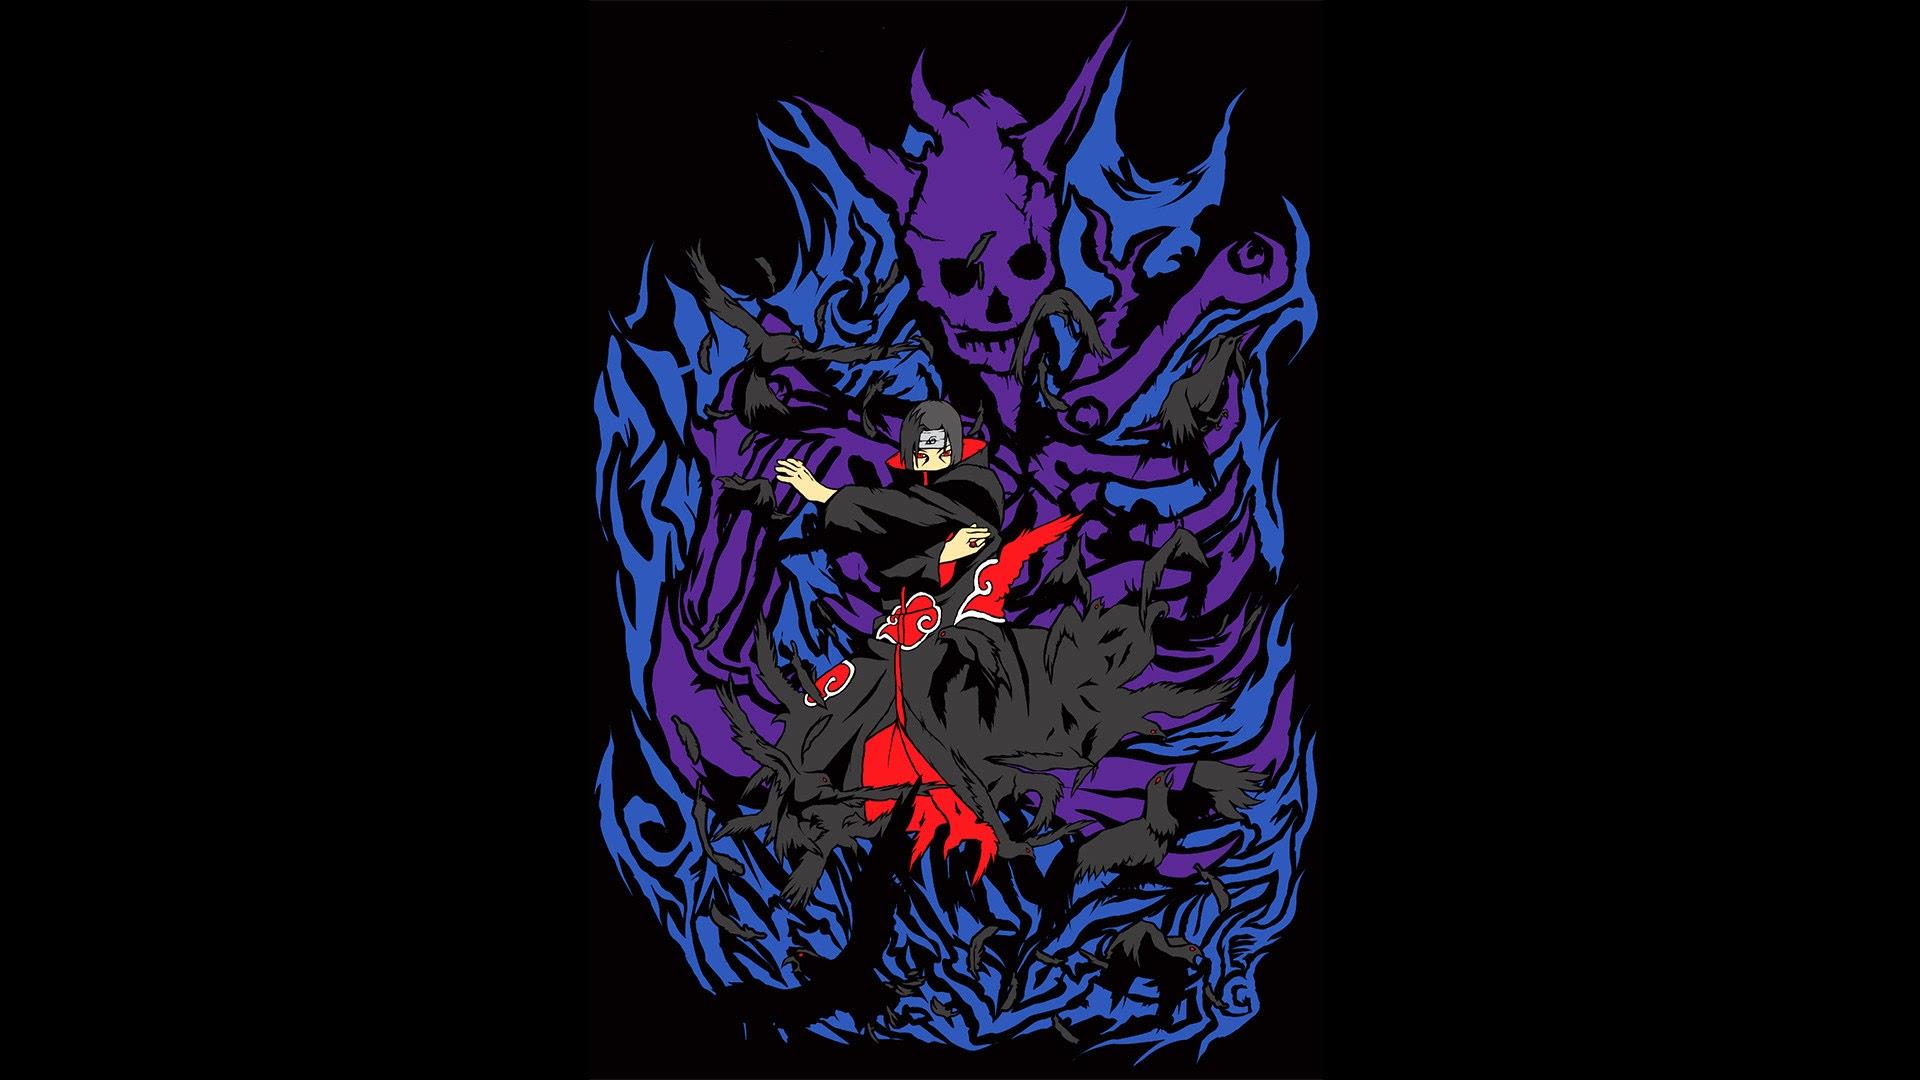 itachi uchiha susanoo crow anime picture hd wallpaper 1920x1080 09 1920x1080